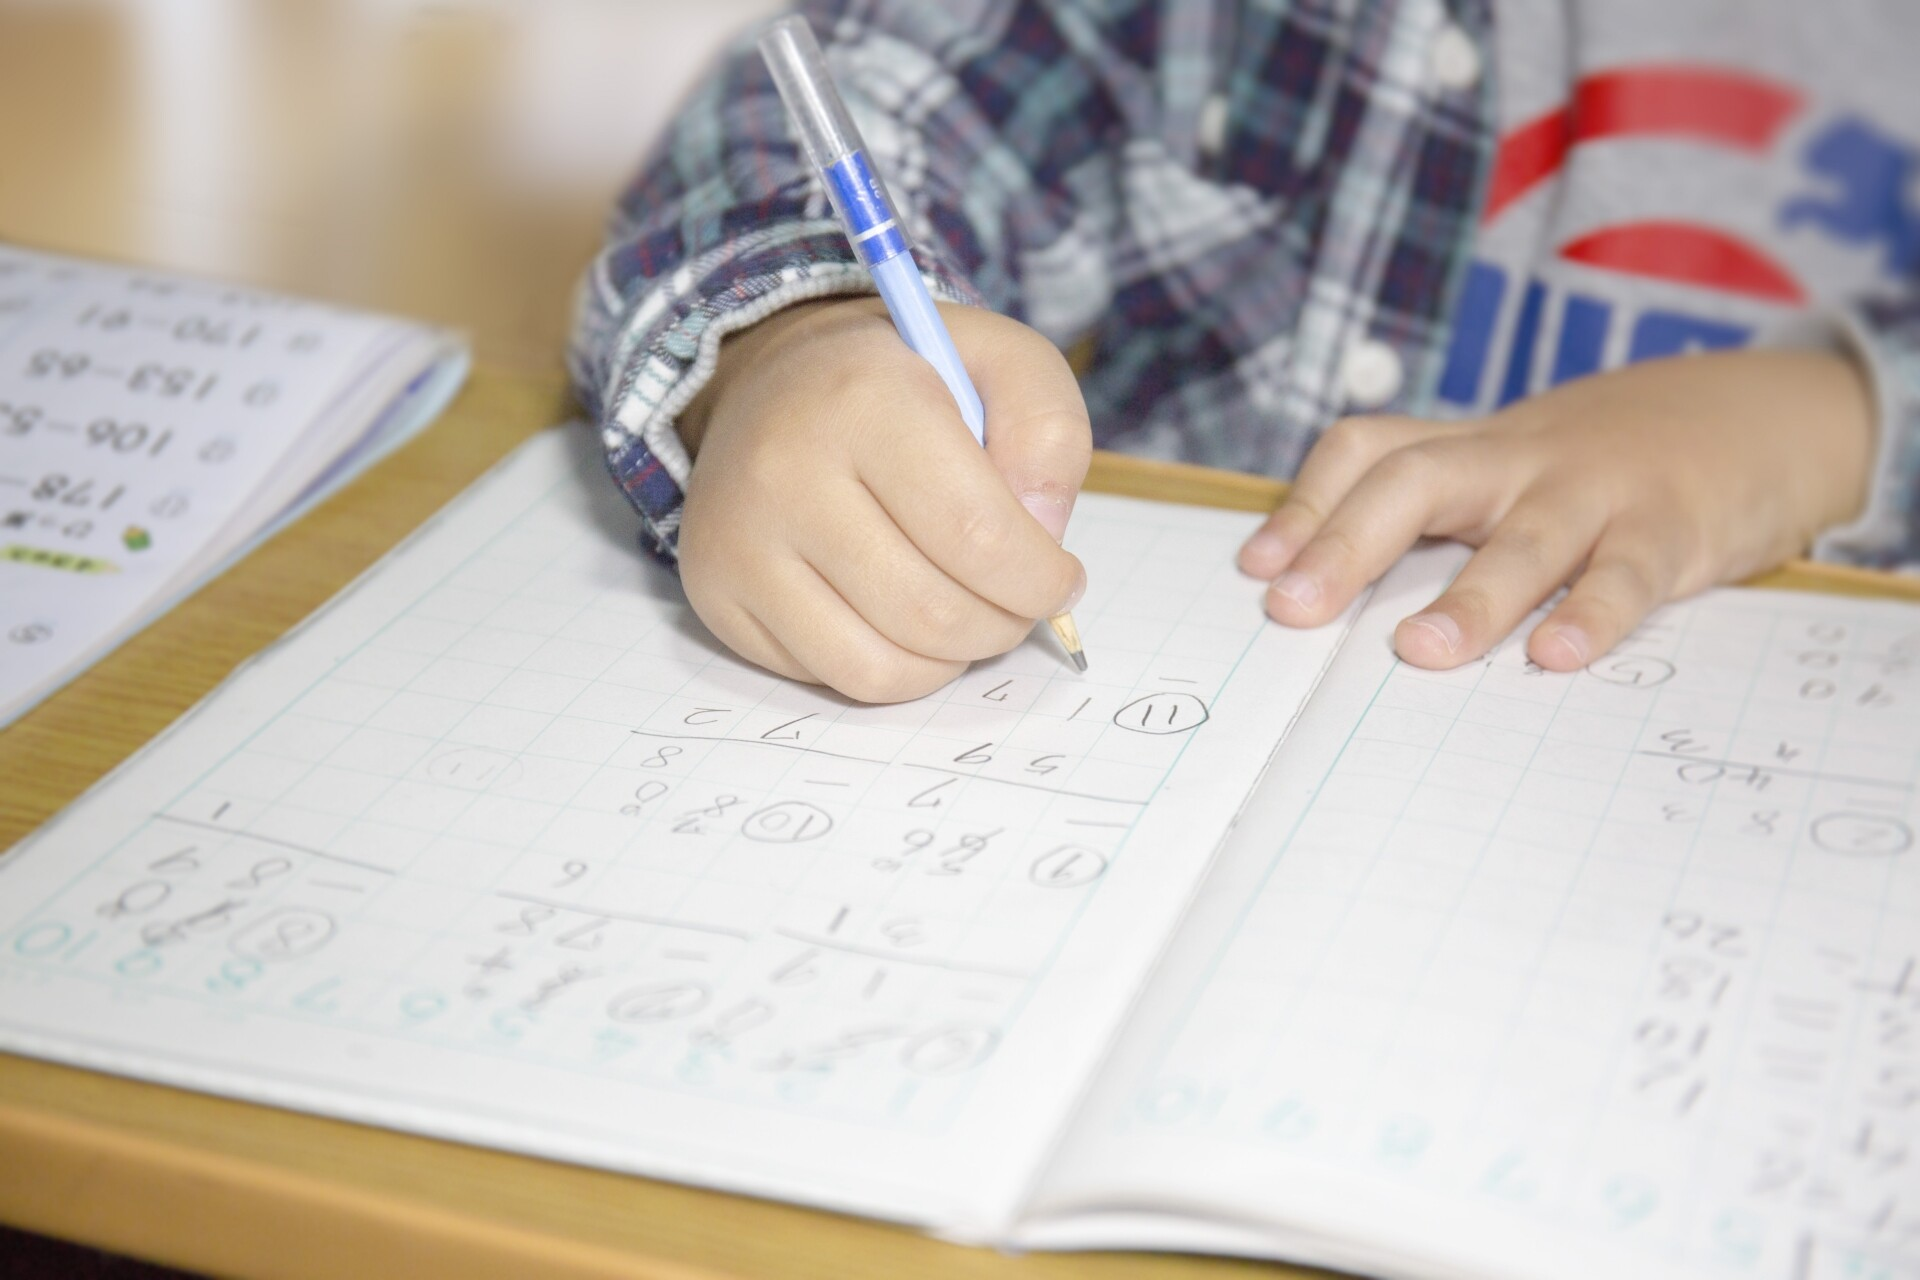 たくさんの生徒を集める学習塾の集客方法とアイデア